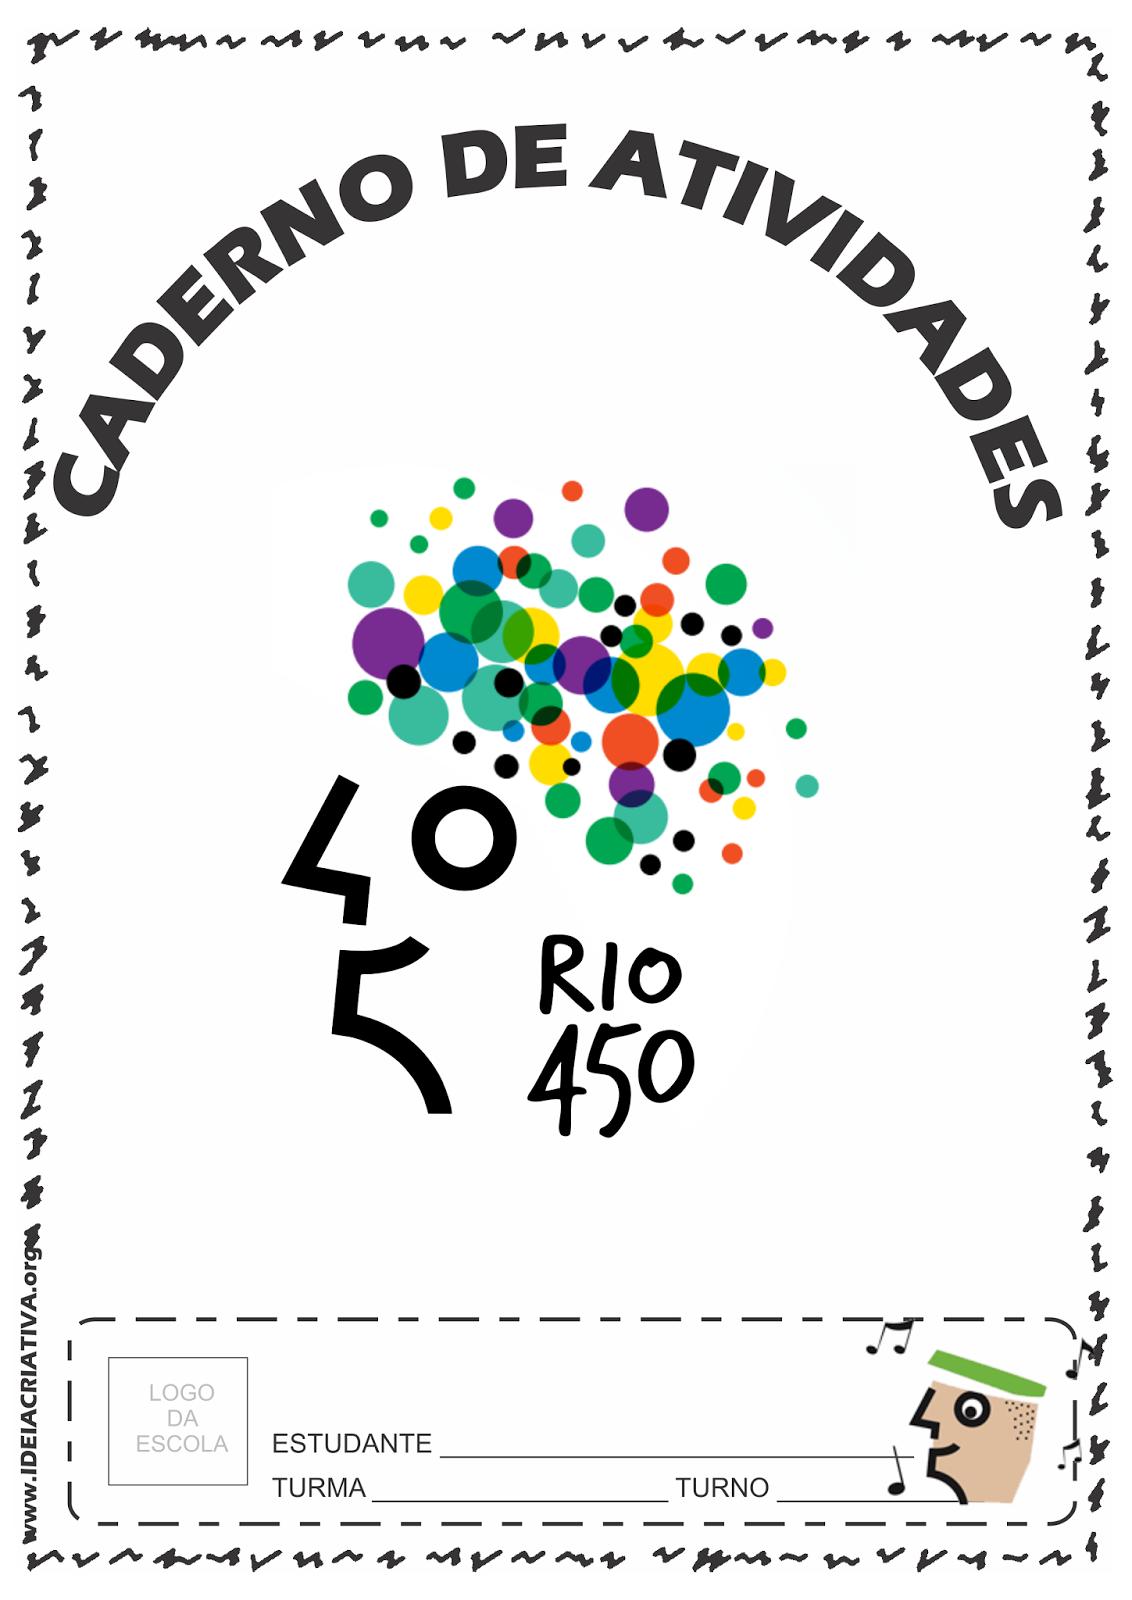 Caderno de Atividades em Comemoração aos 450 Anos do Rio de Janeiro